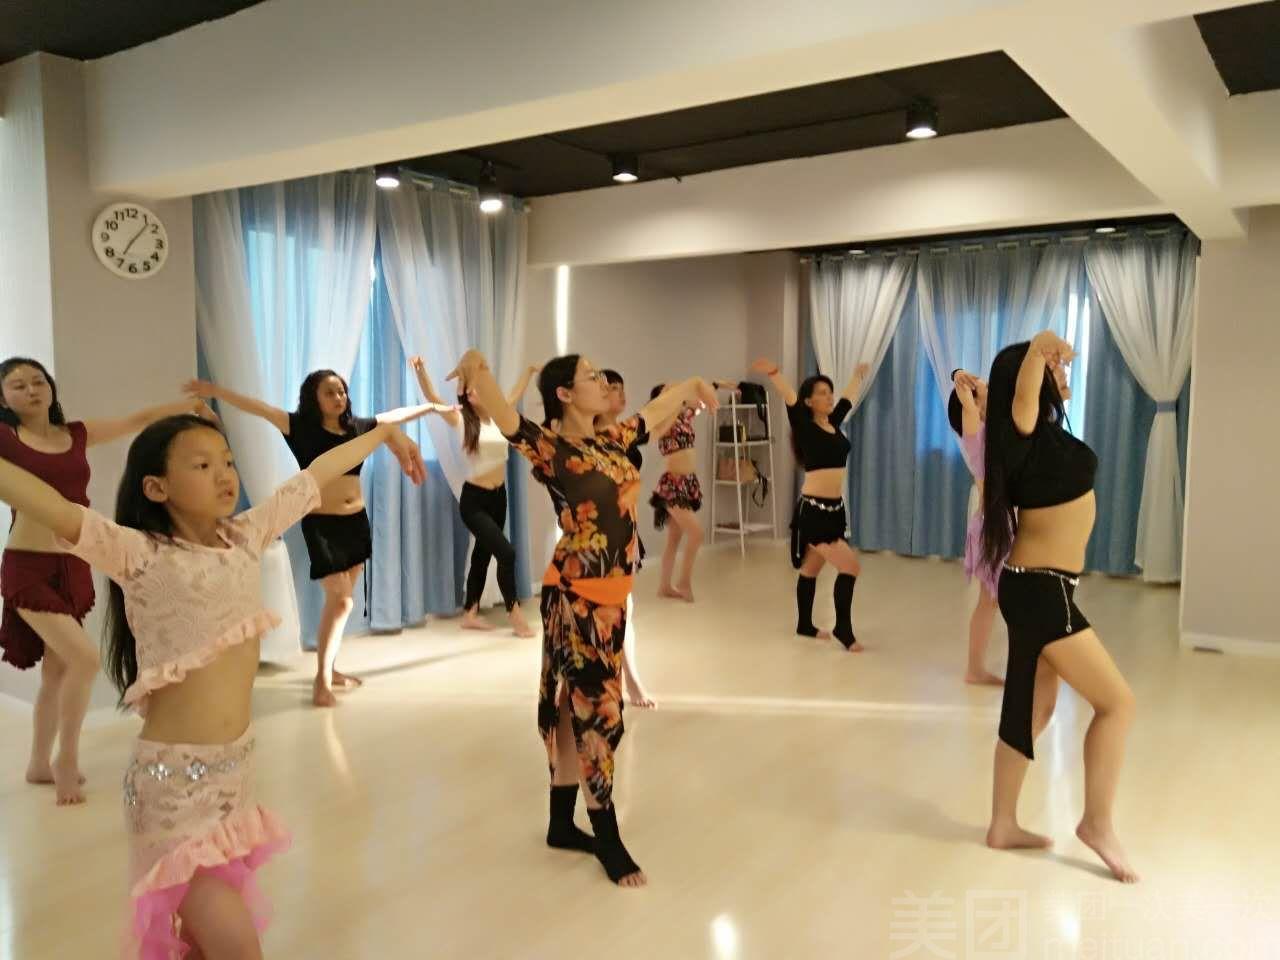 鑫爱·瑜伽肚皮舞生活馆-美团